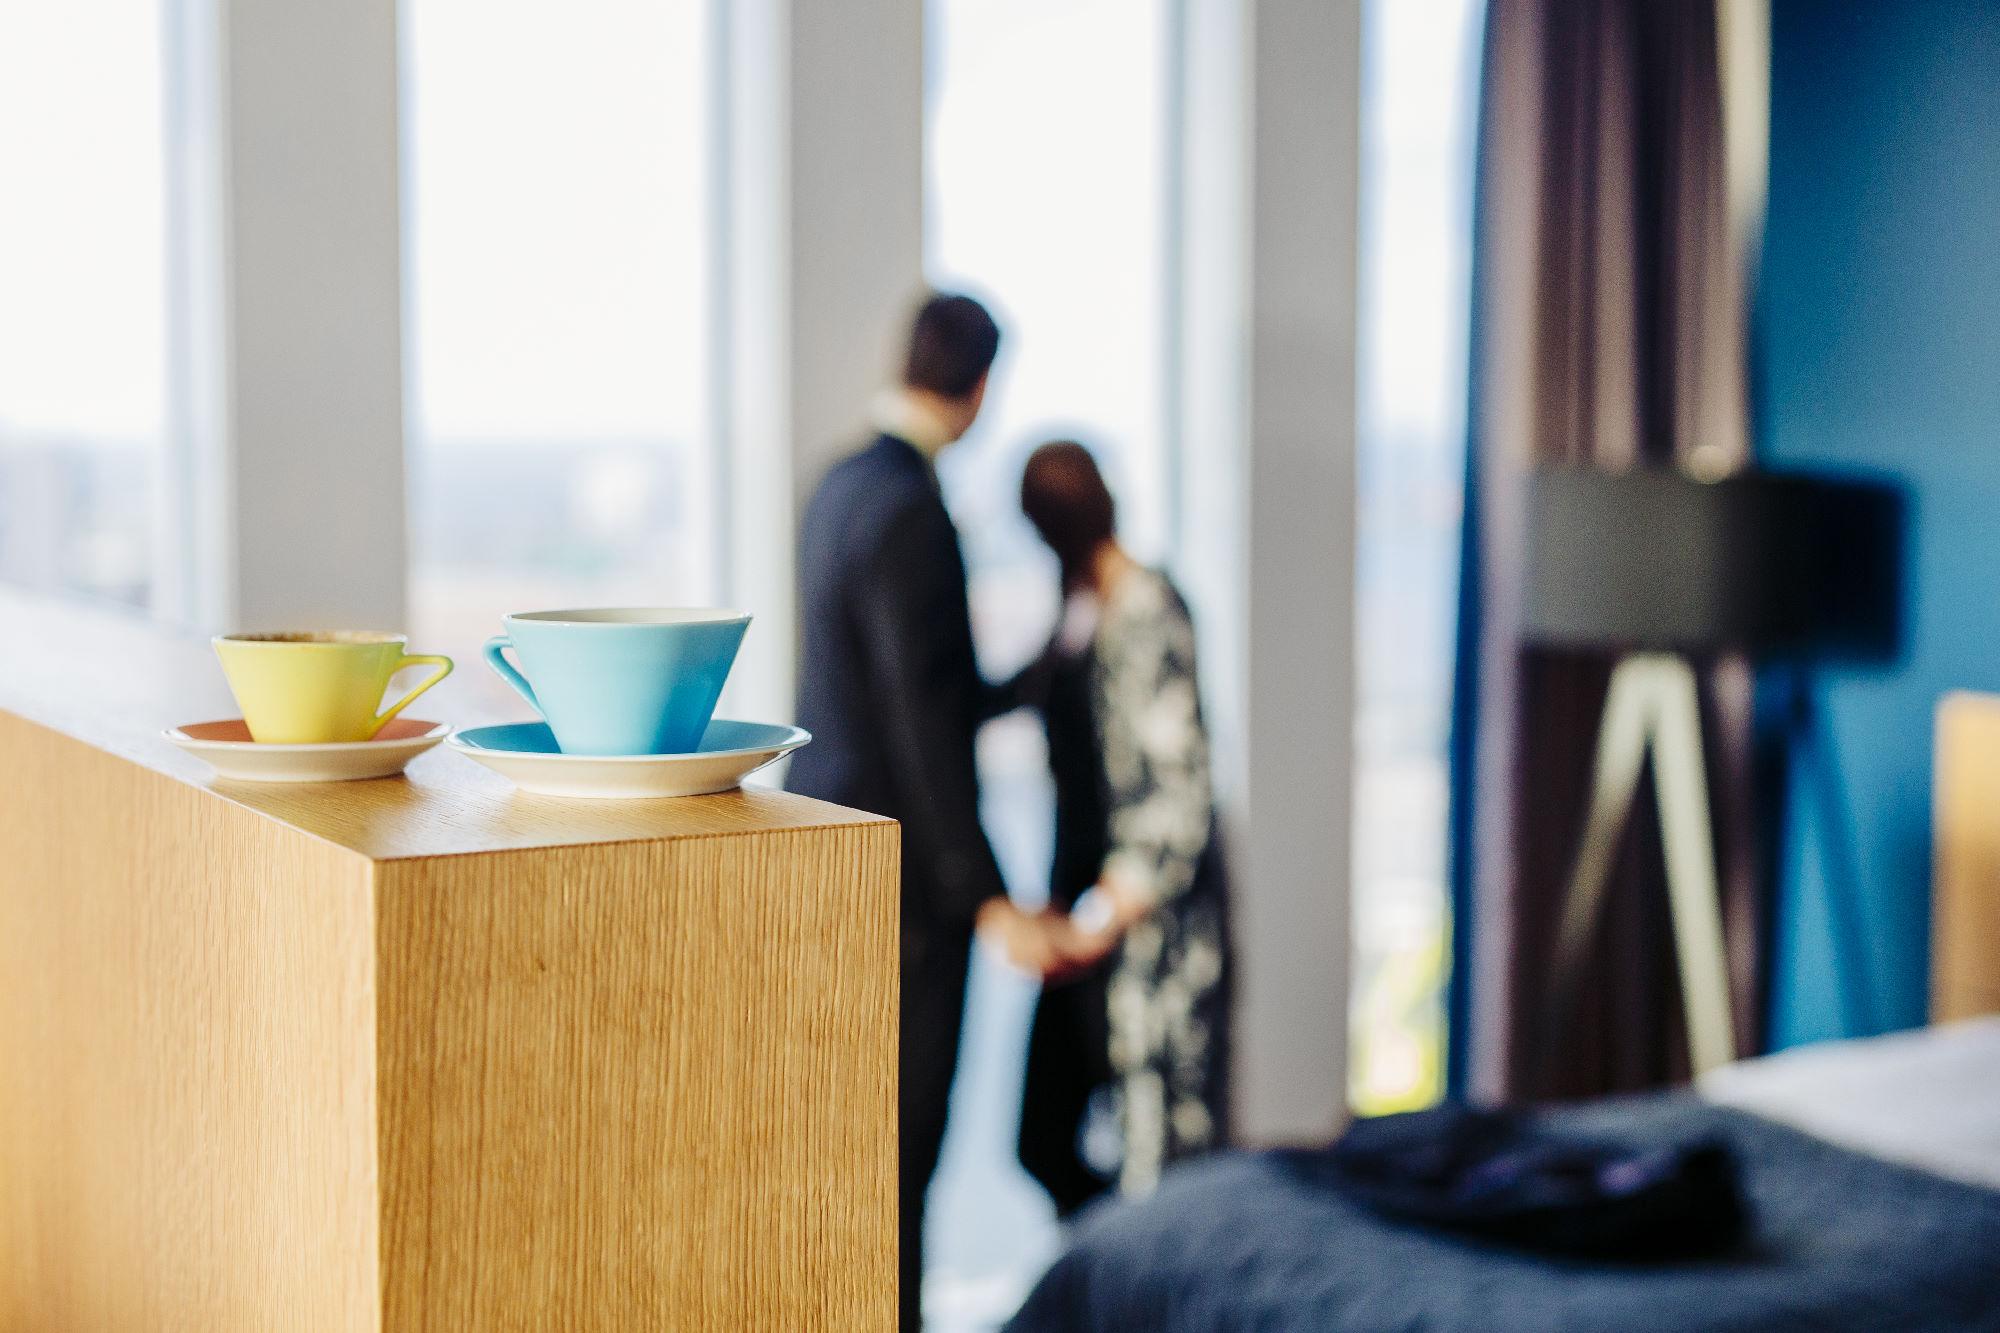 Zachwyć gości wyjątkowym smakiem kawy. Jaki ekspres wybrać do hotelu?